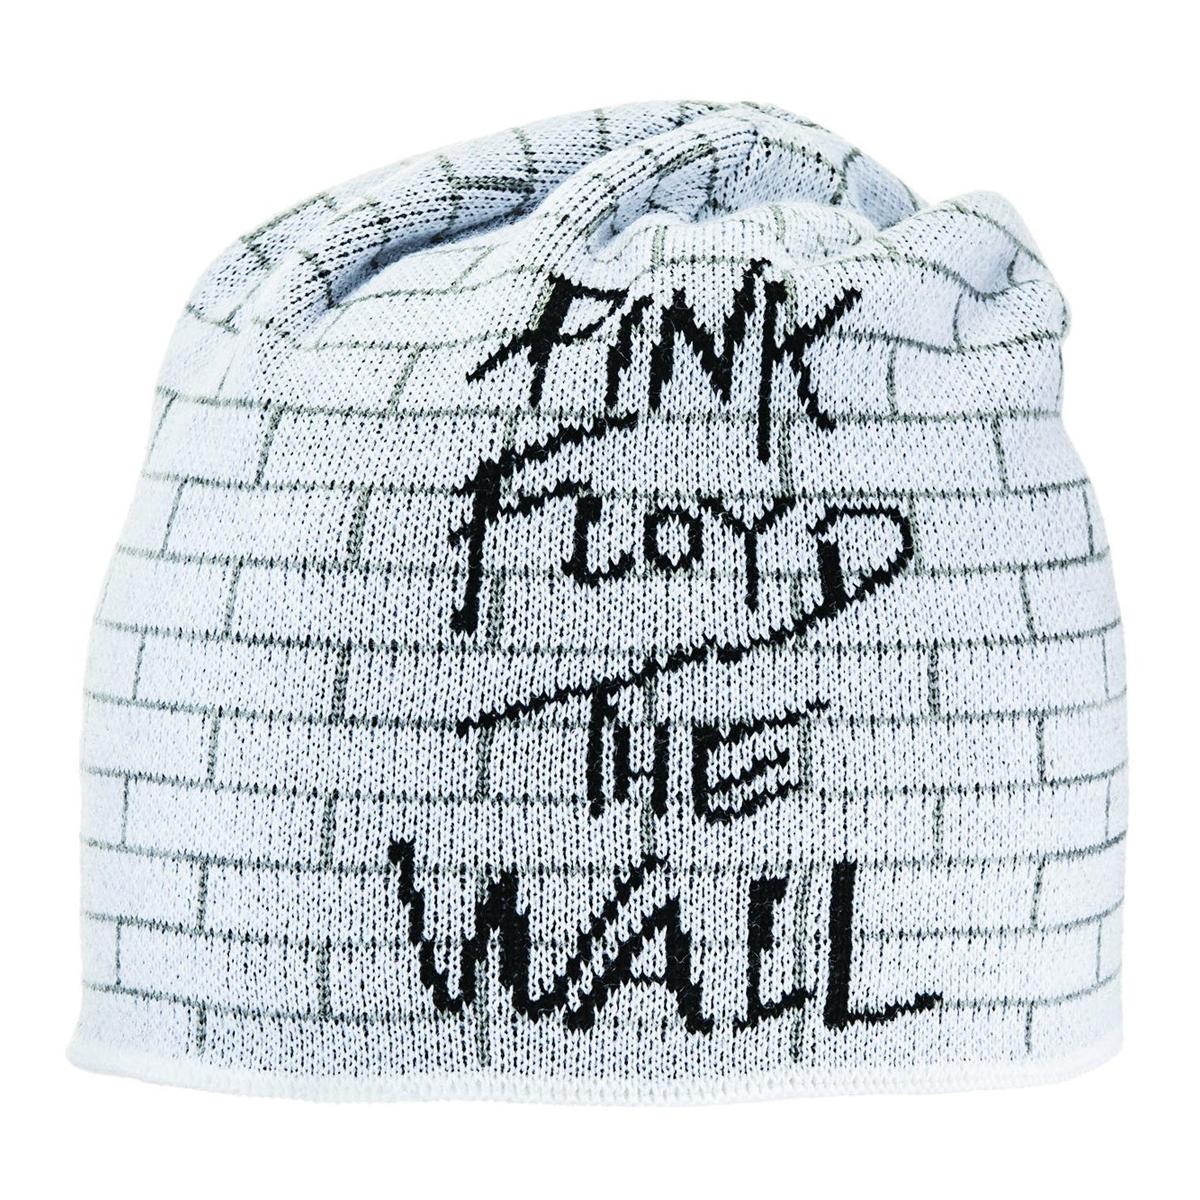 The Wall Beanie